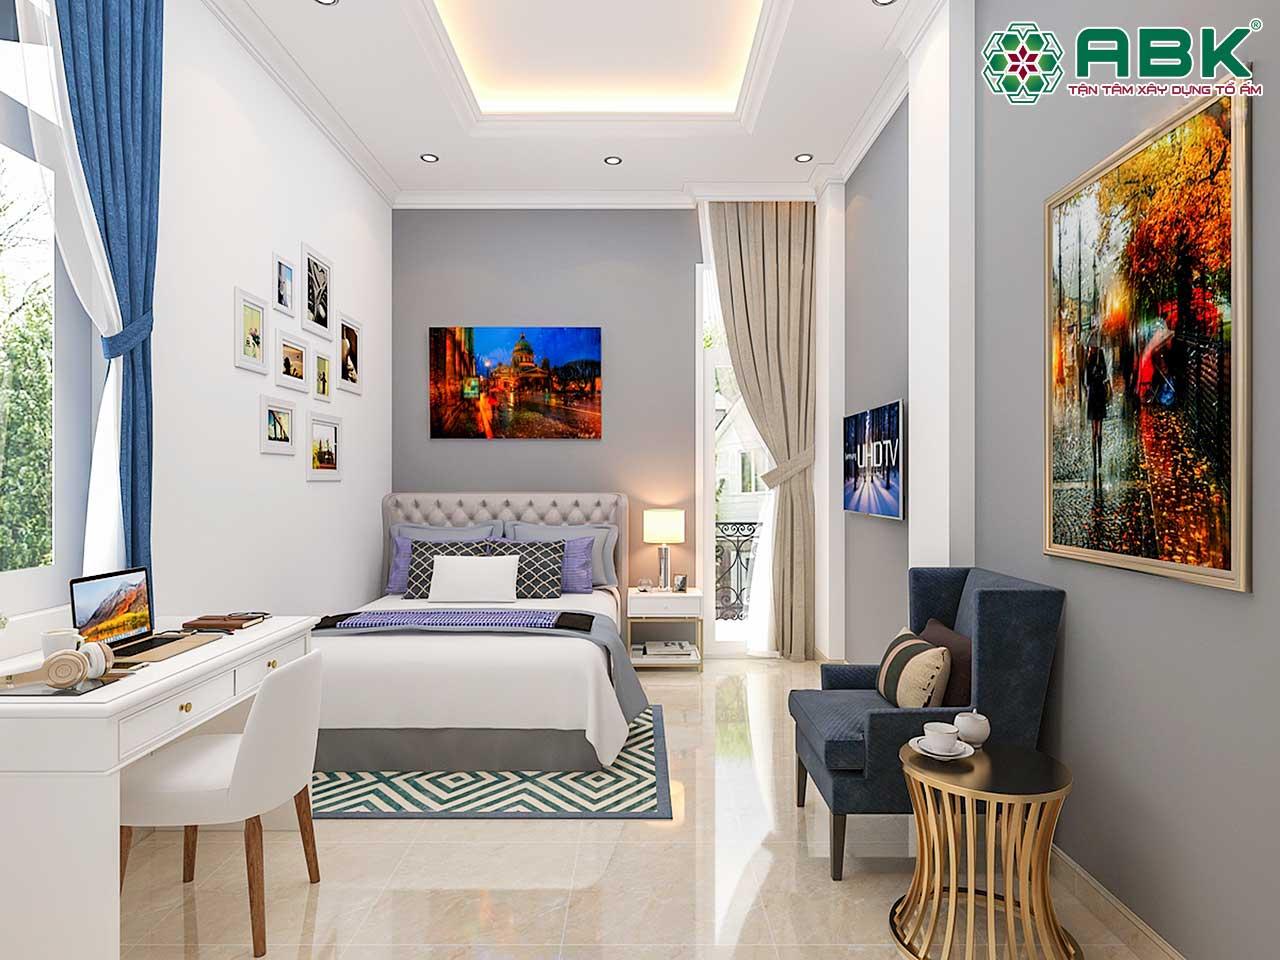 Mẫu trang trí phòng ngủ đẹp mang phong cách hiện đại